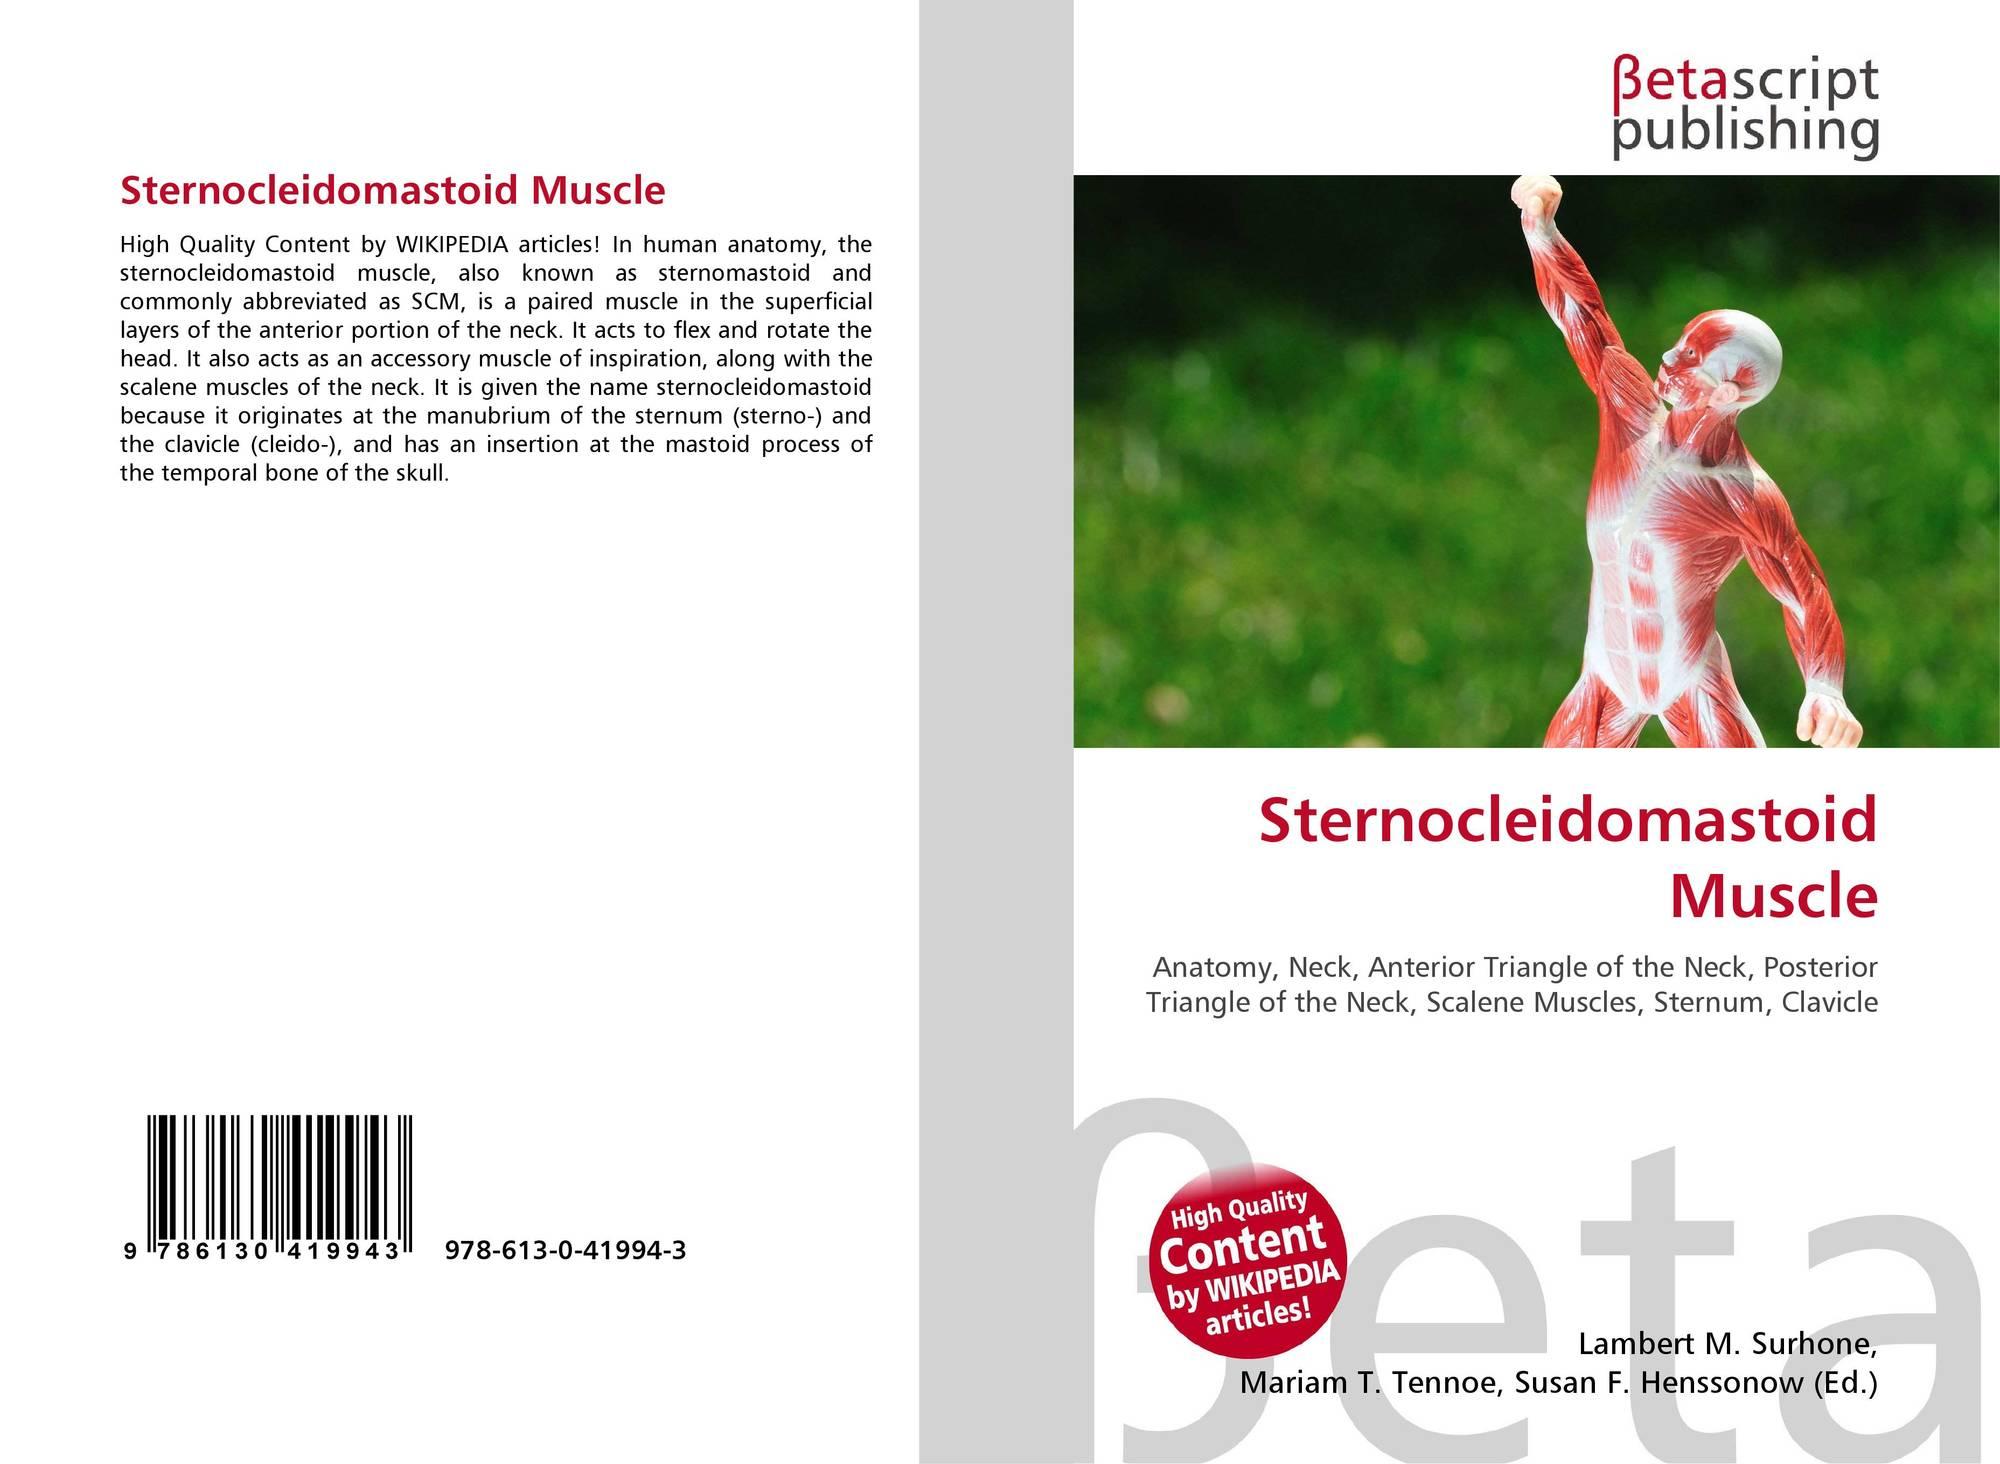 Sternocleidomastoid Muscle 978 613 0 41994 3 6130419945 9786130419943